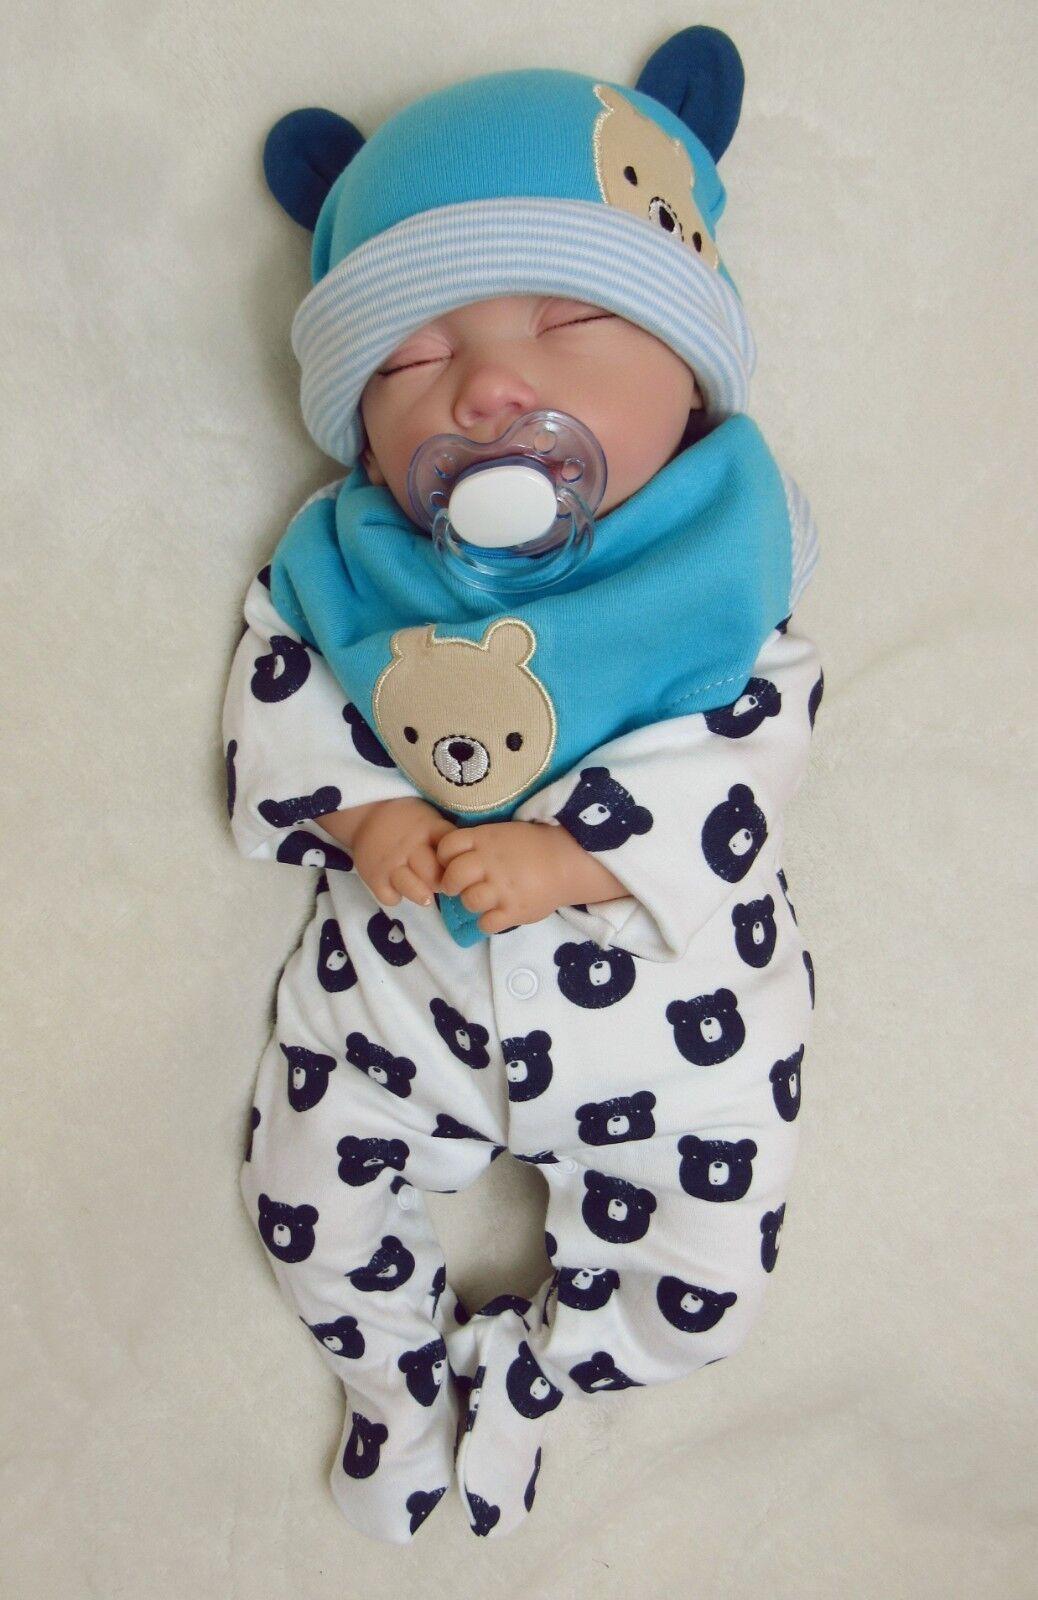 RINATO Baby Boy Doll Orso, dormire il neonato -  BabyDollArtUK